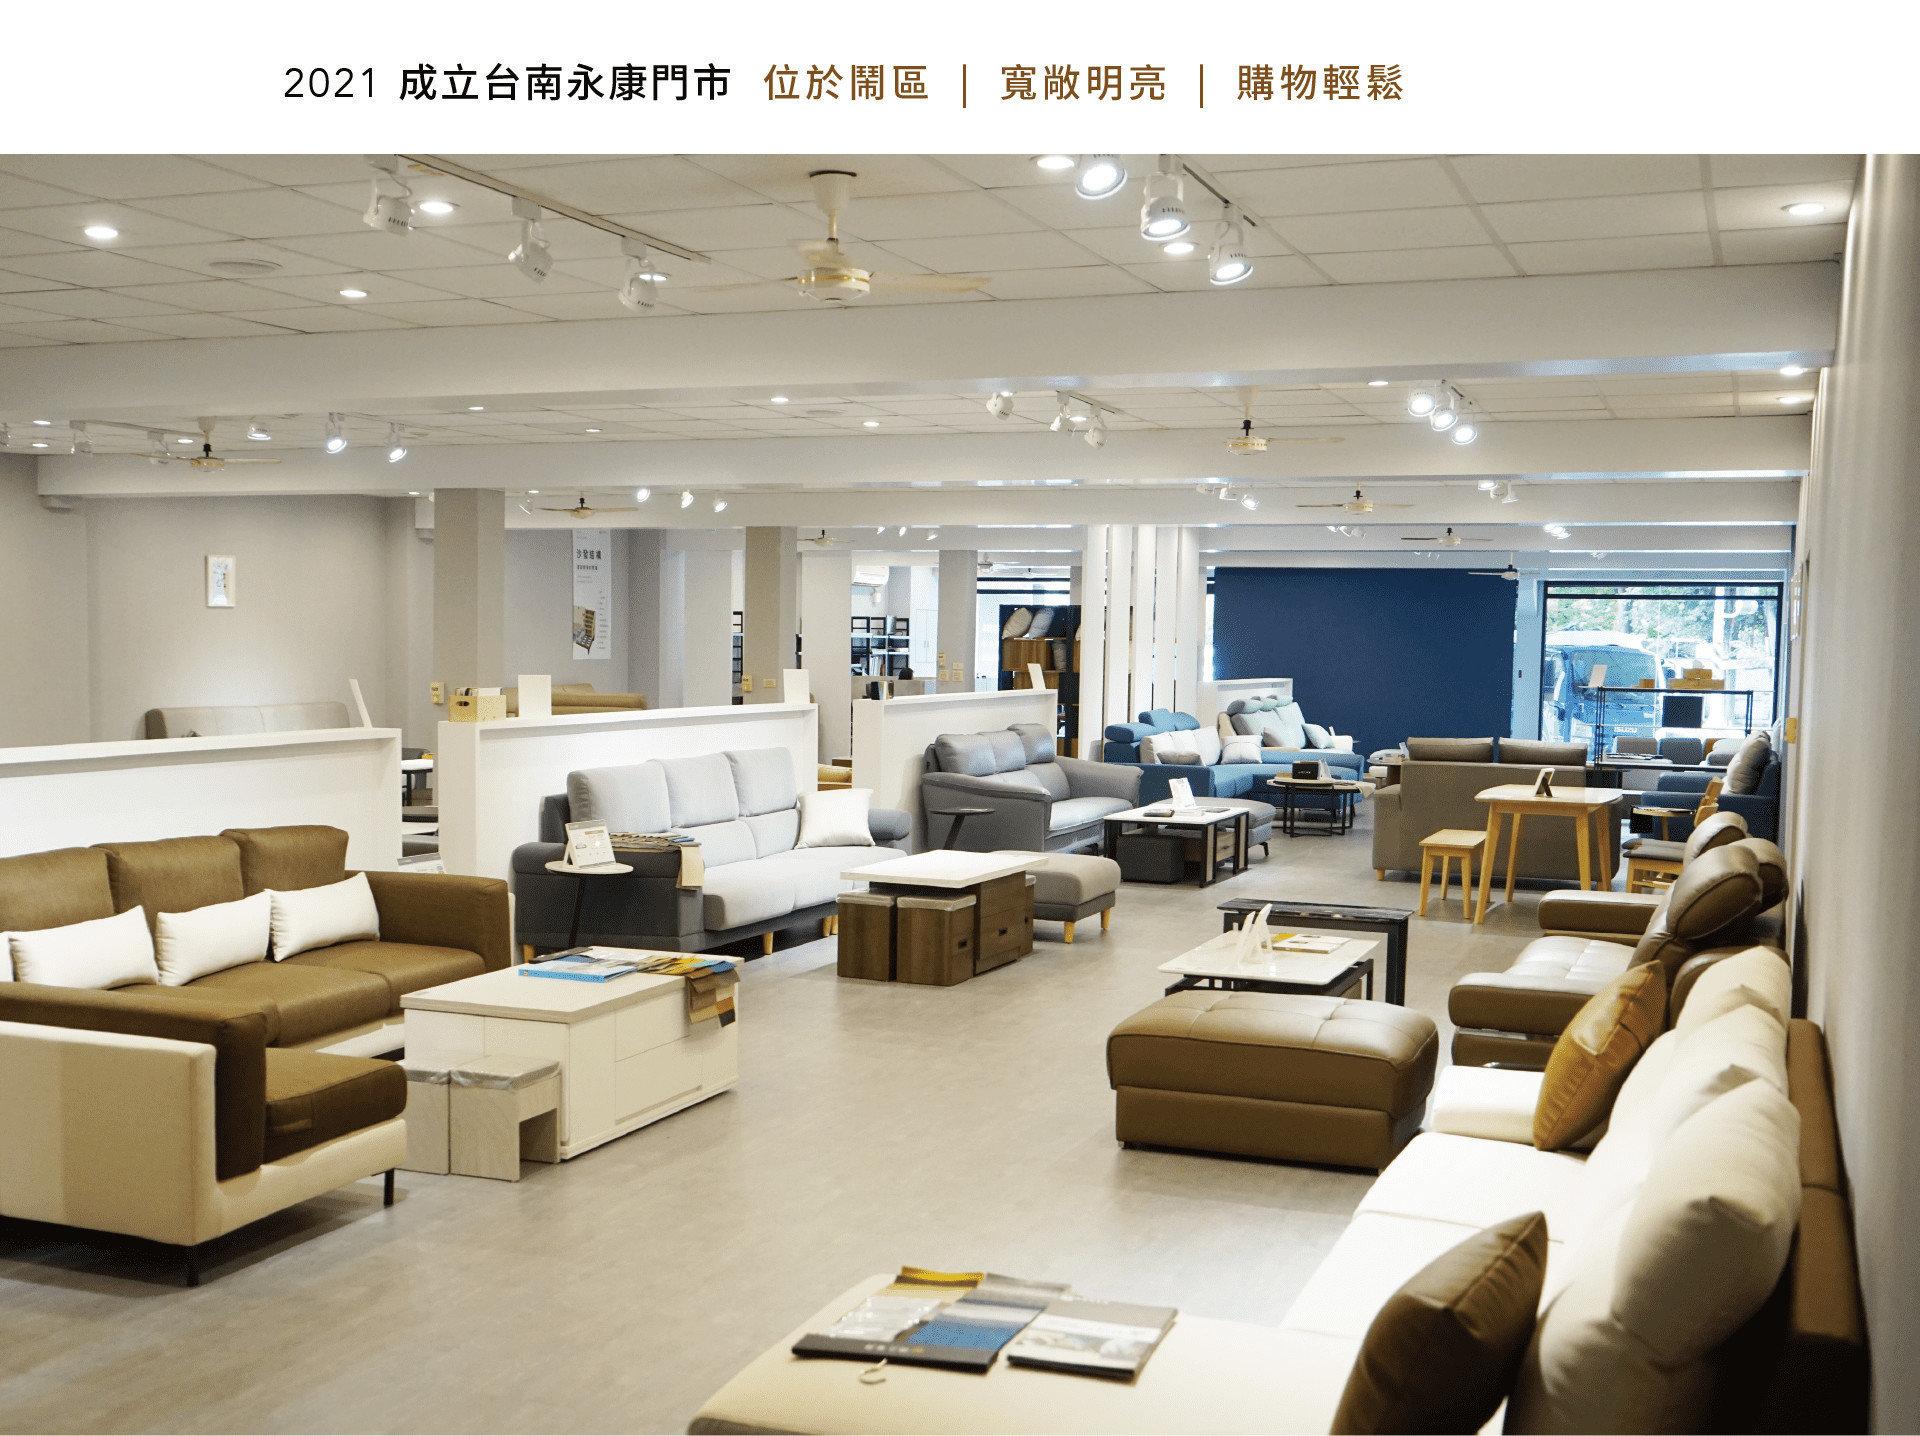 明久家具於2021年成立全台首間分店:【明久台南店】,位置台南市熱鬧的永康區,為台南地區注入新的活力!